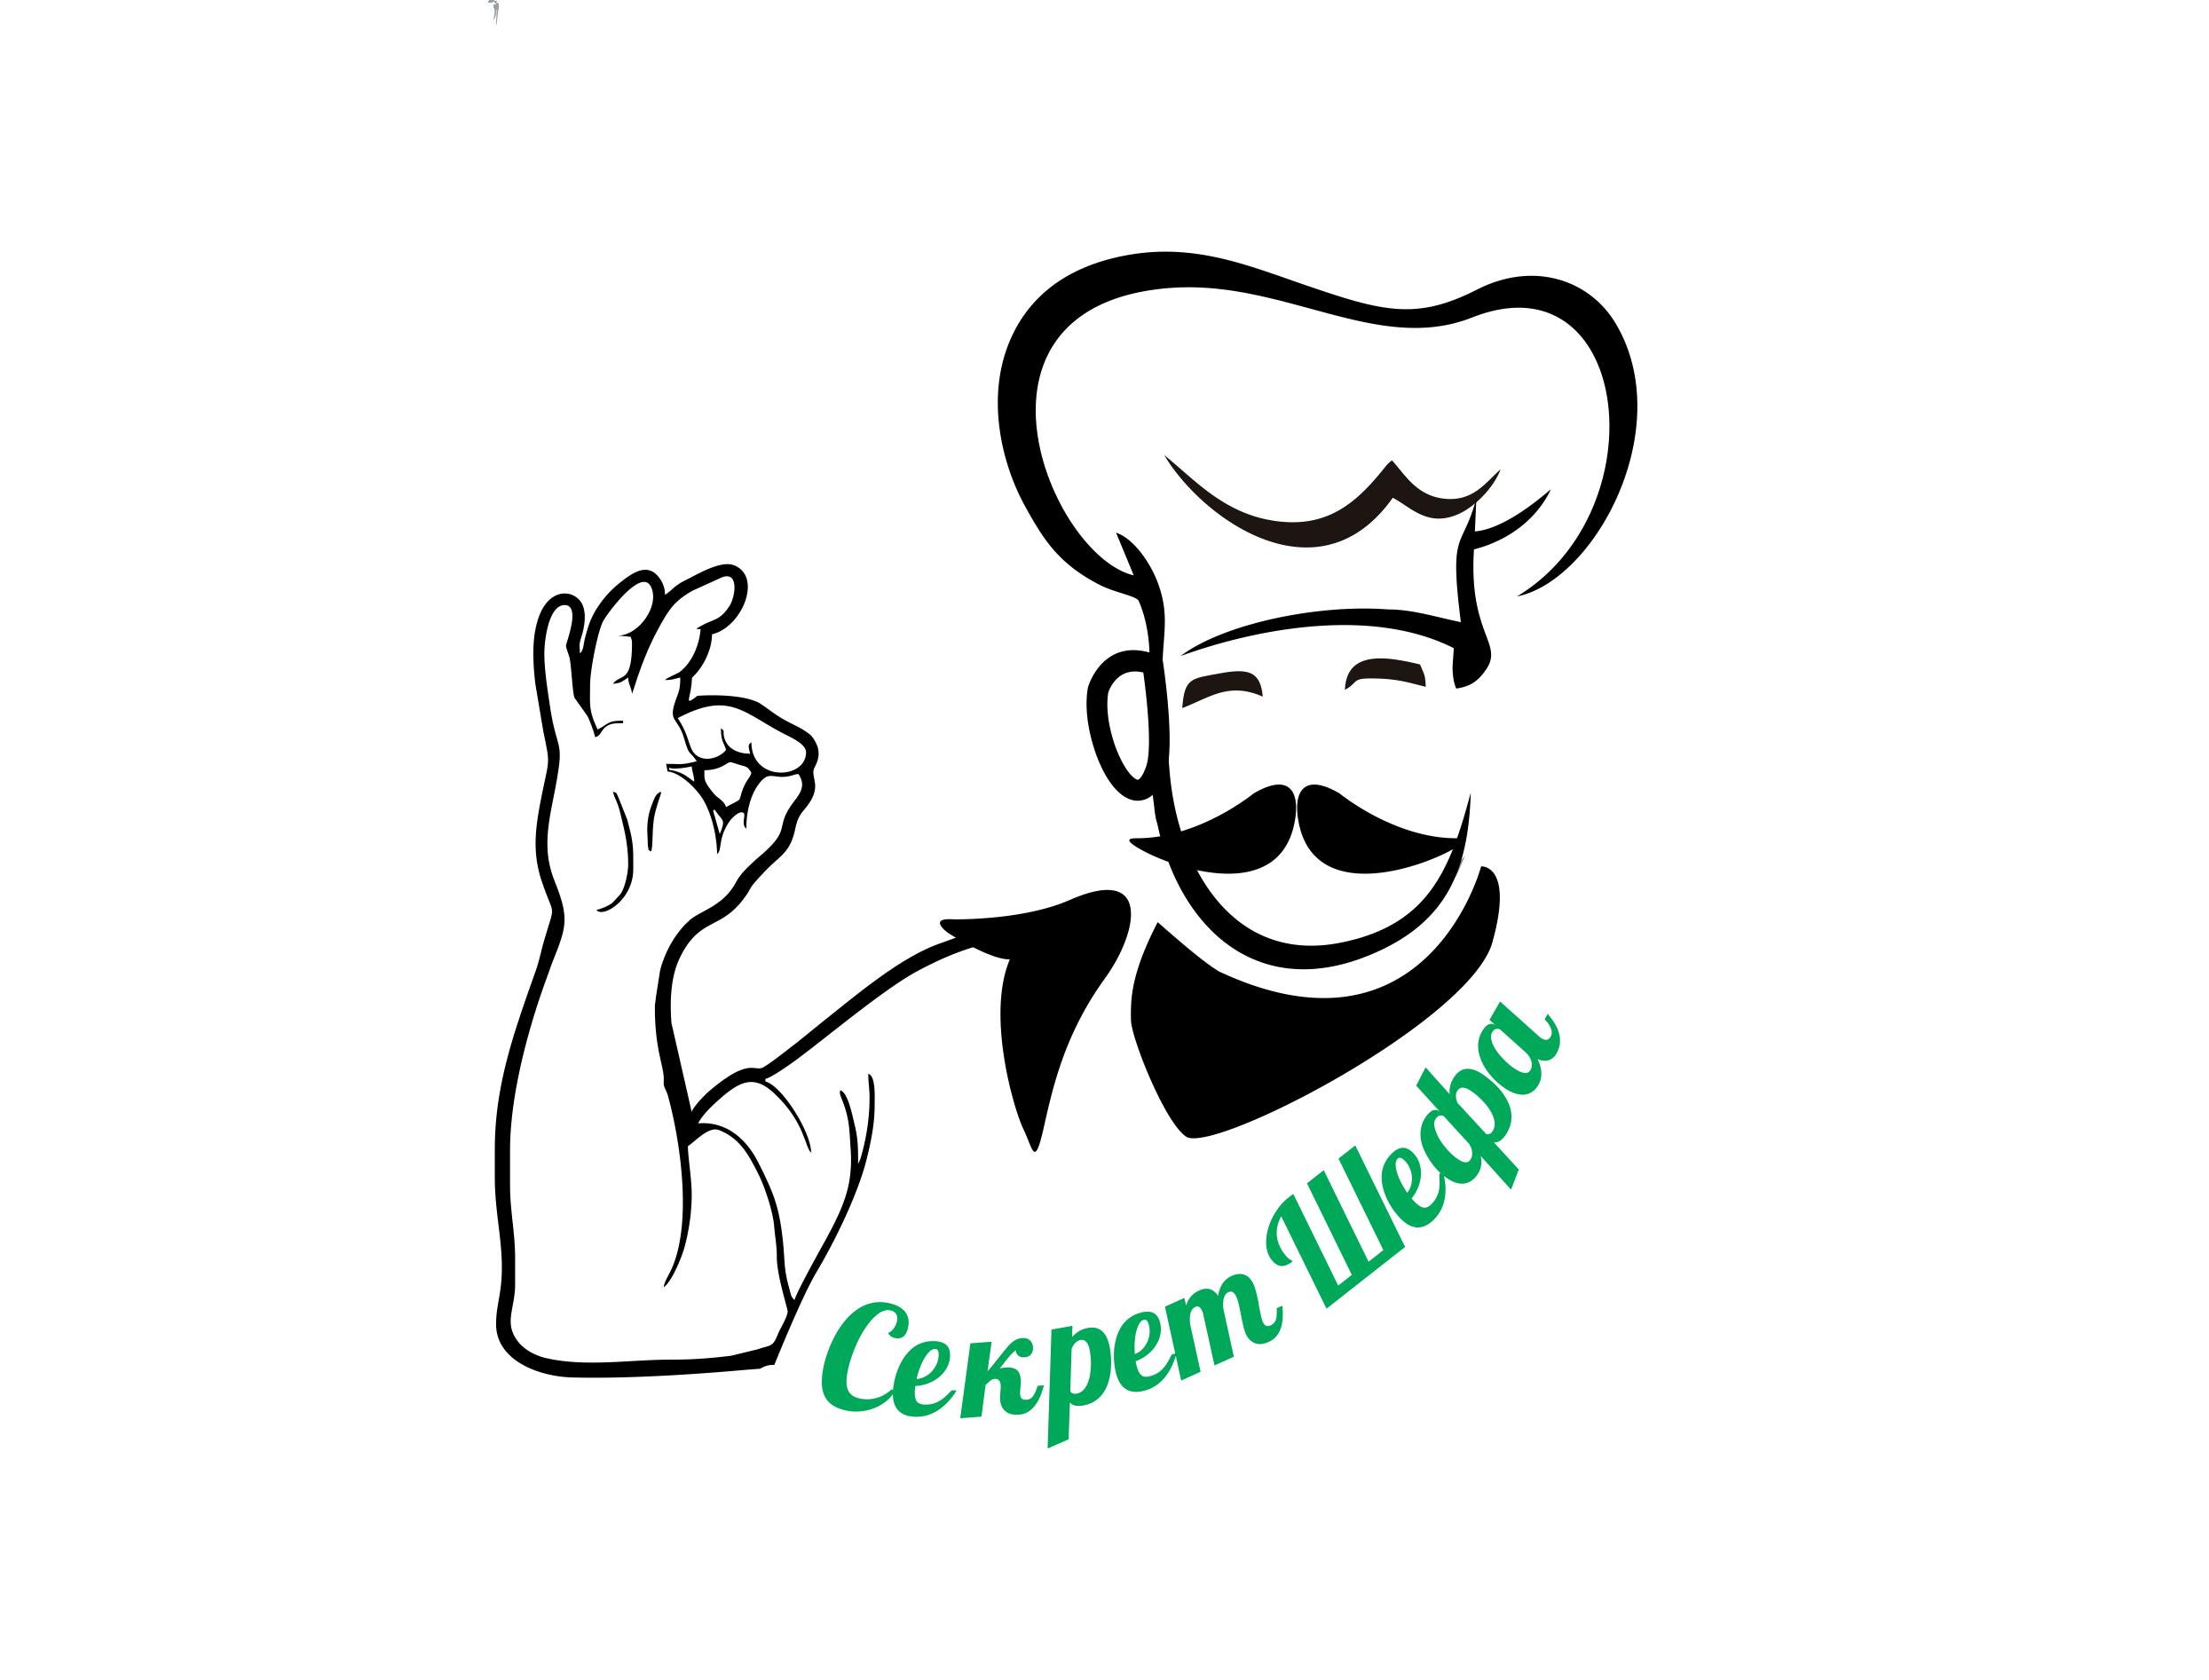 Логотип для марки специй и приправ Секрет Шефа фото f_1305f4eb04ebea1f.png